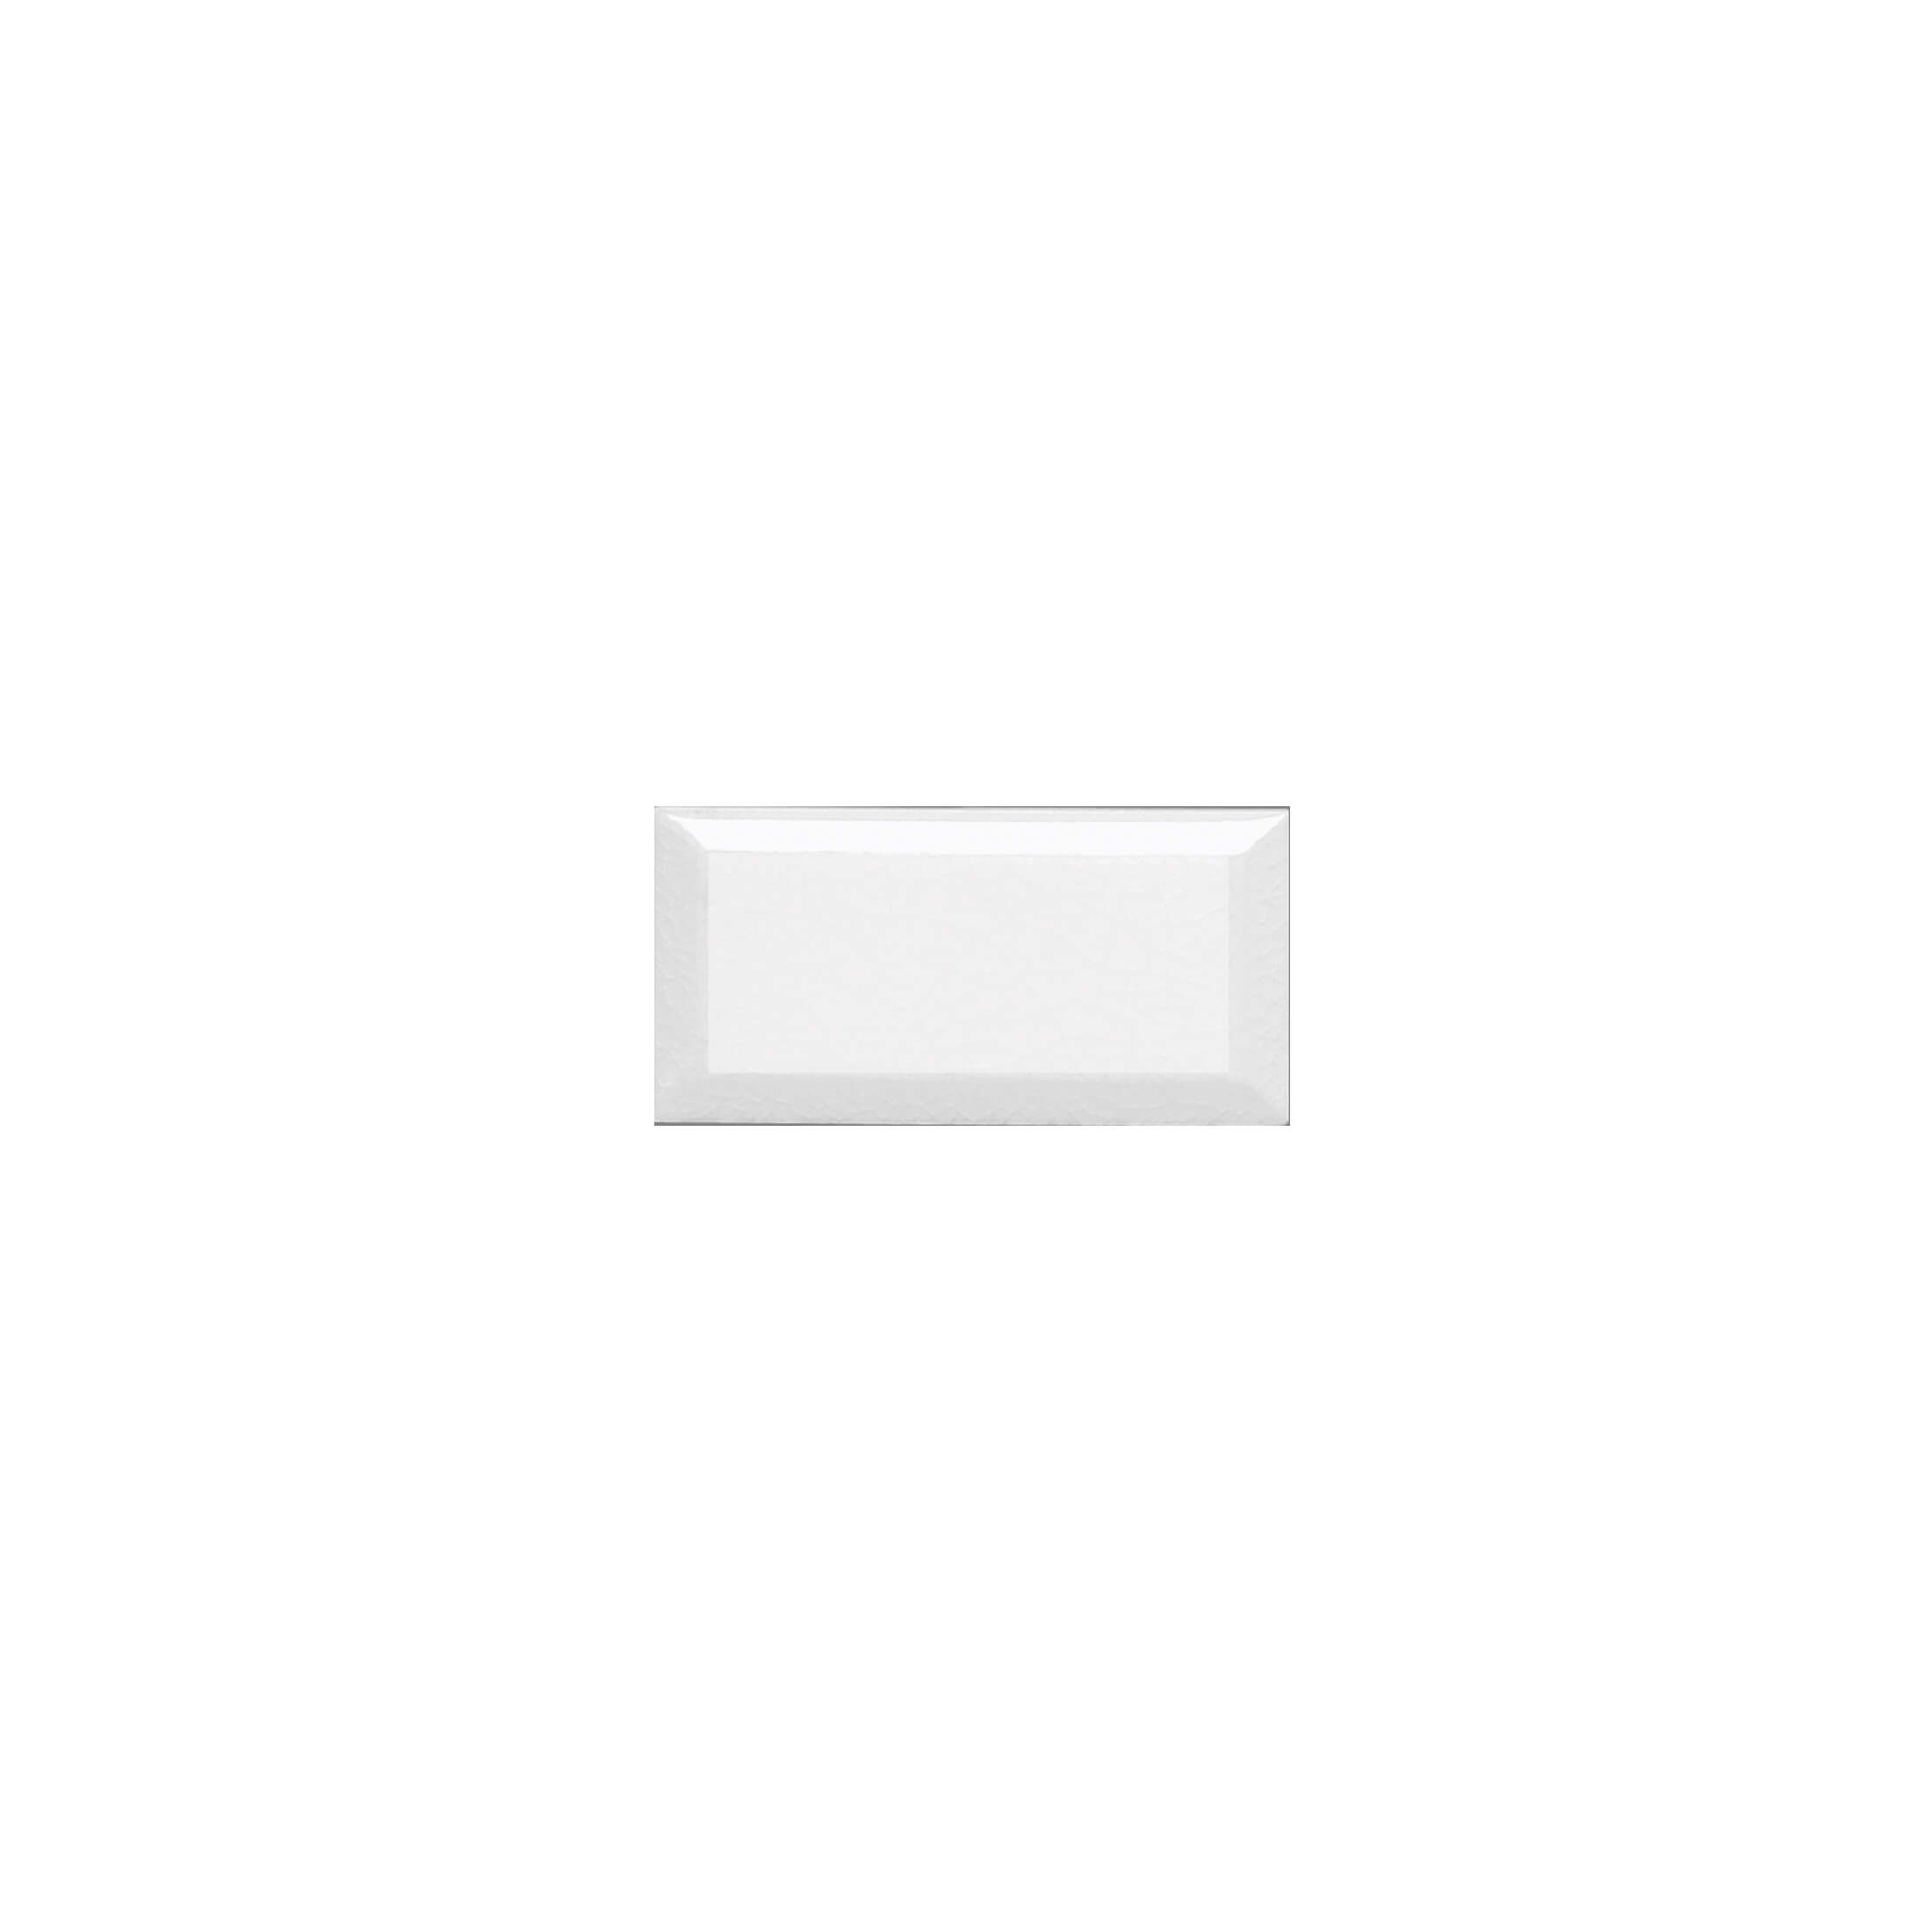 ADMO2013 - BISELADO PB C/C - 5 cm X 10 cm